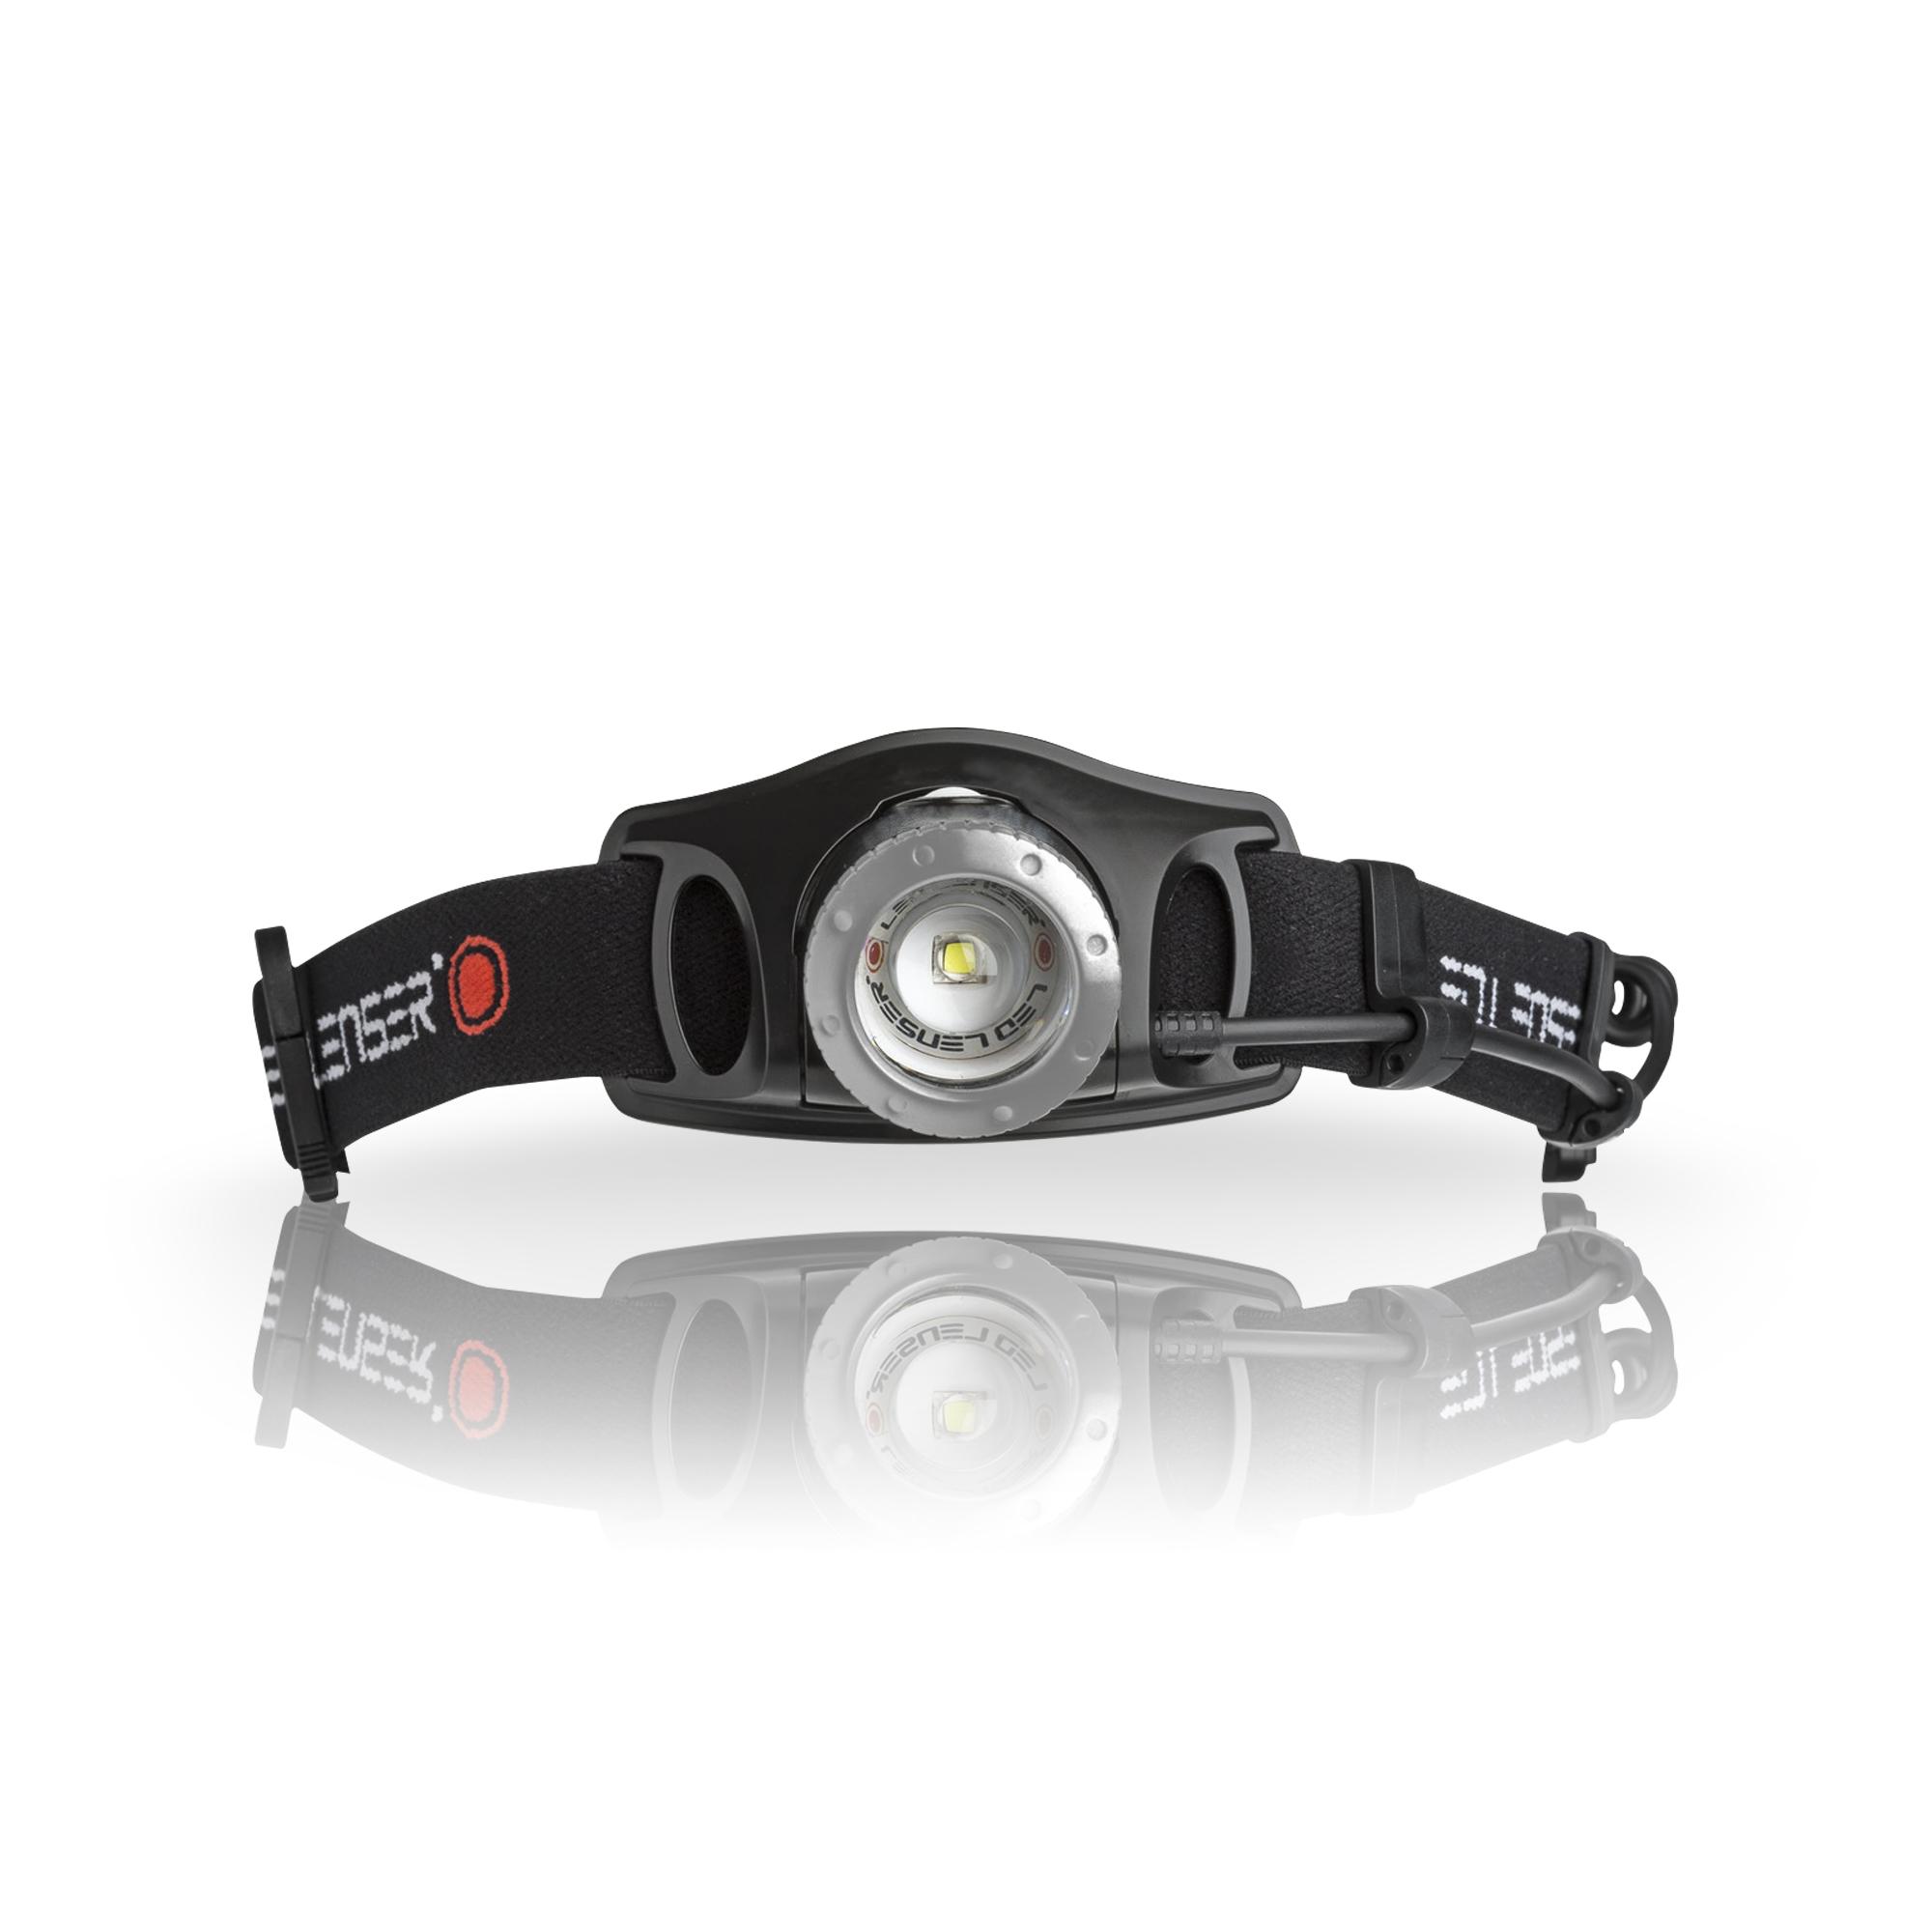 Ledlenser H7.2 LED-Stirnlampe, Dimmfunktion, fokussierbar, schwarz 7297